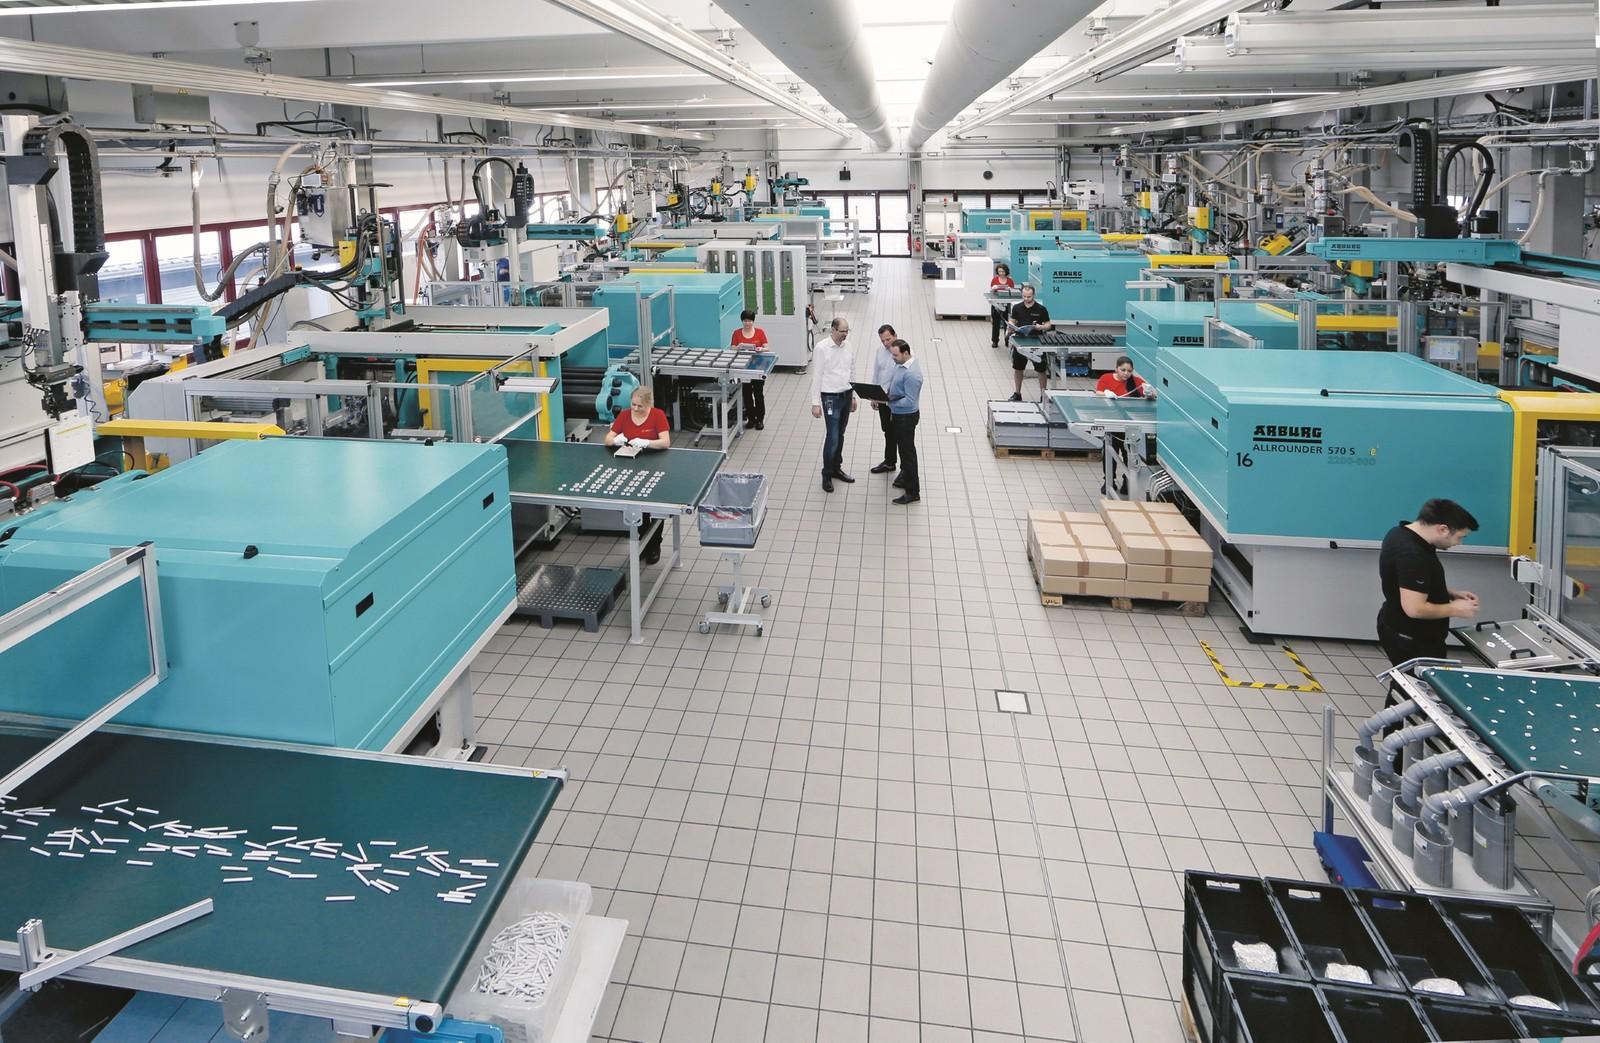 Rund 250 Mio. Teile werden pro Jahr bei dem Full-Service-Partner Kunststofftechnik Schmid produziert.